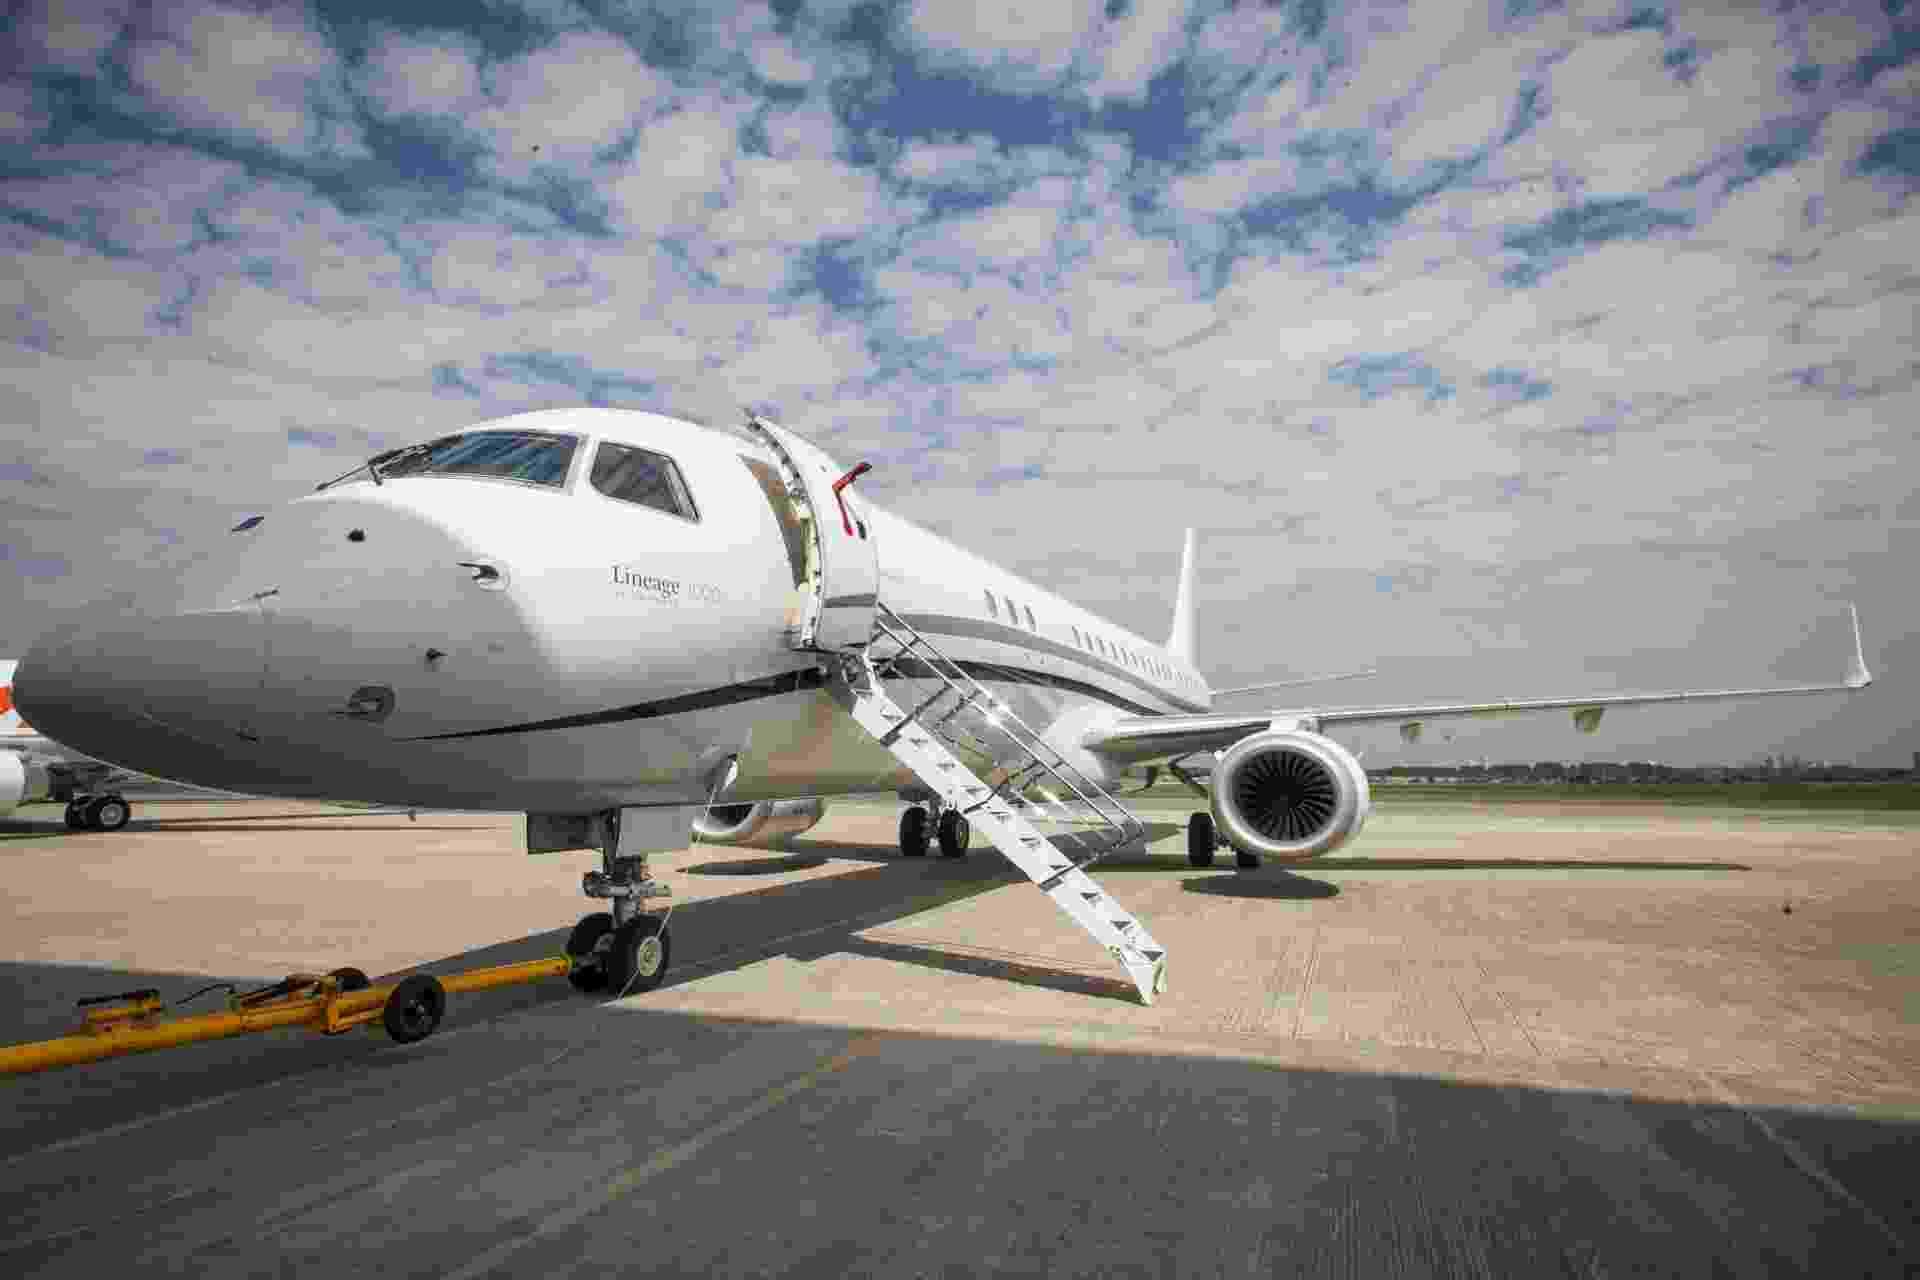 Jato Lineage 1000, da Embraer - Rodrigo Capote/UOL